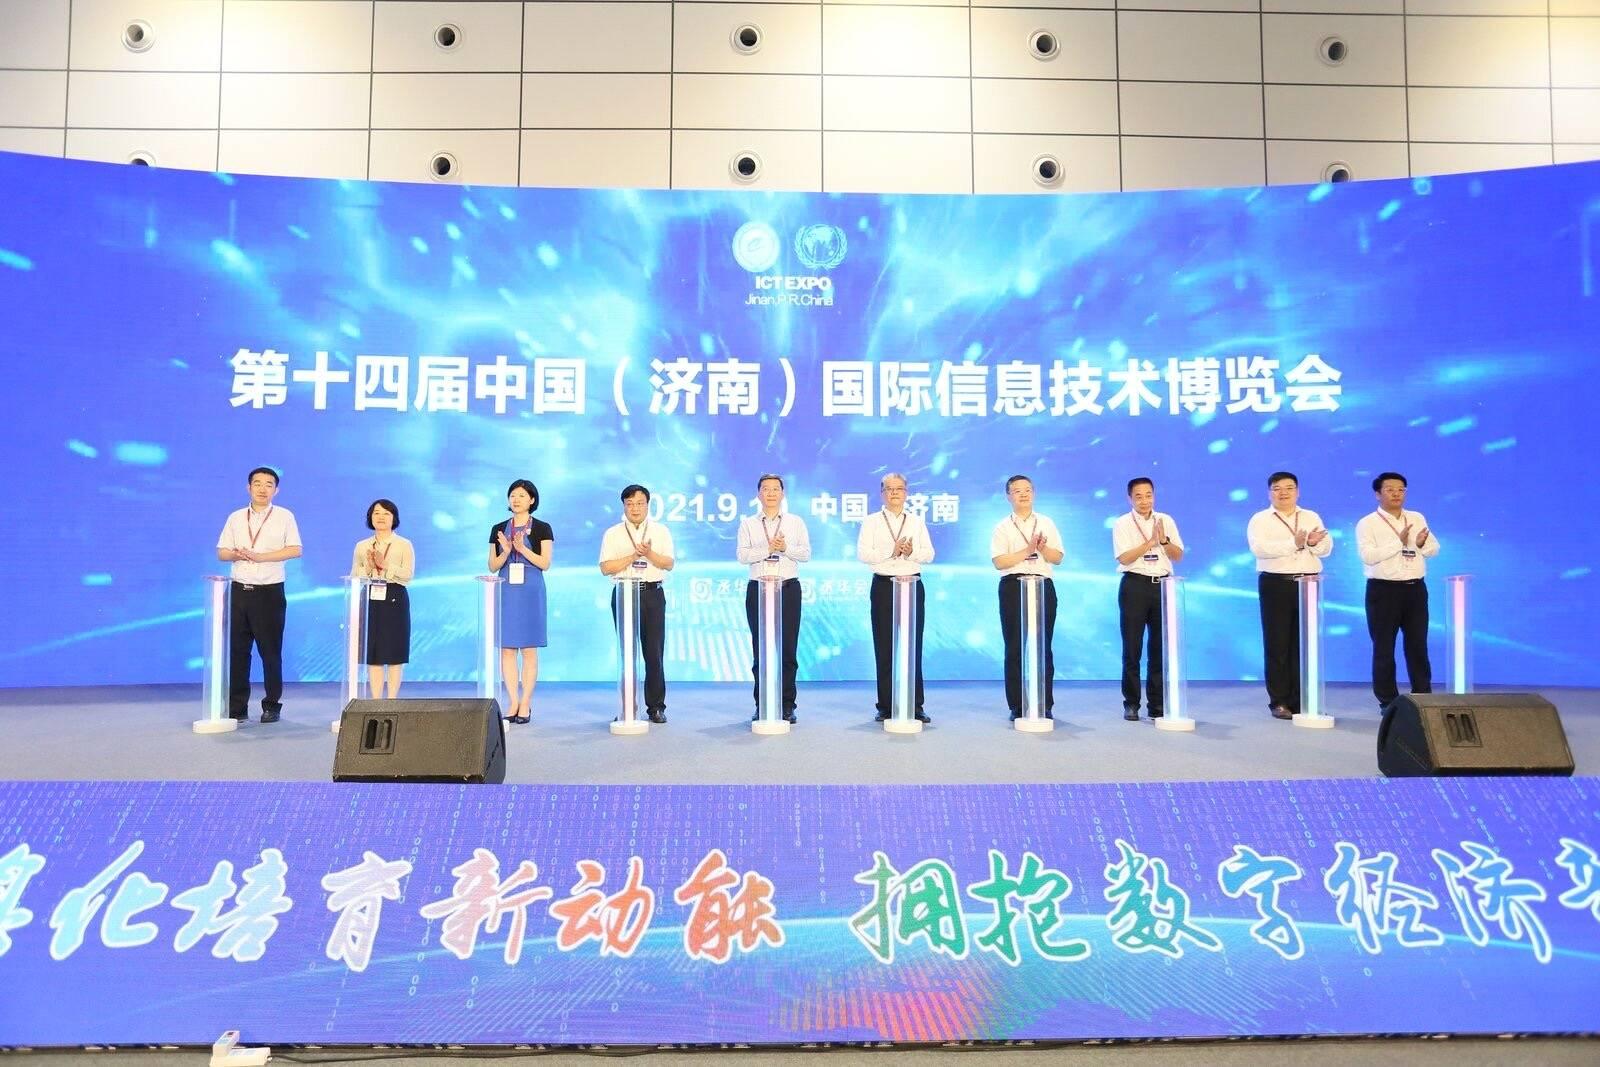 引领数字新经济 山东移动亮相第十四届信博会